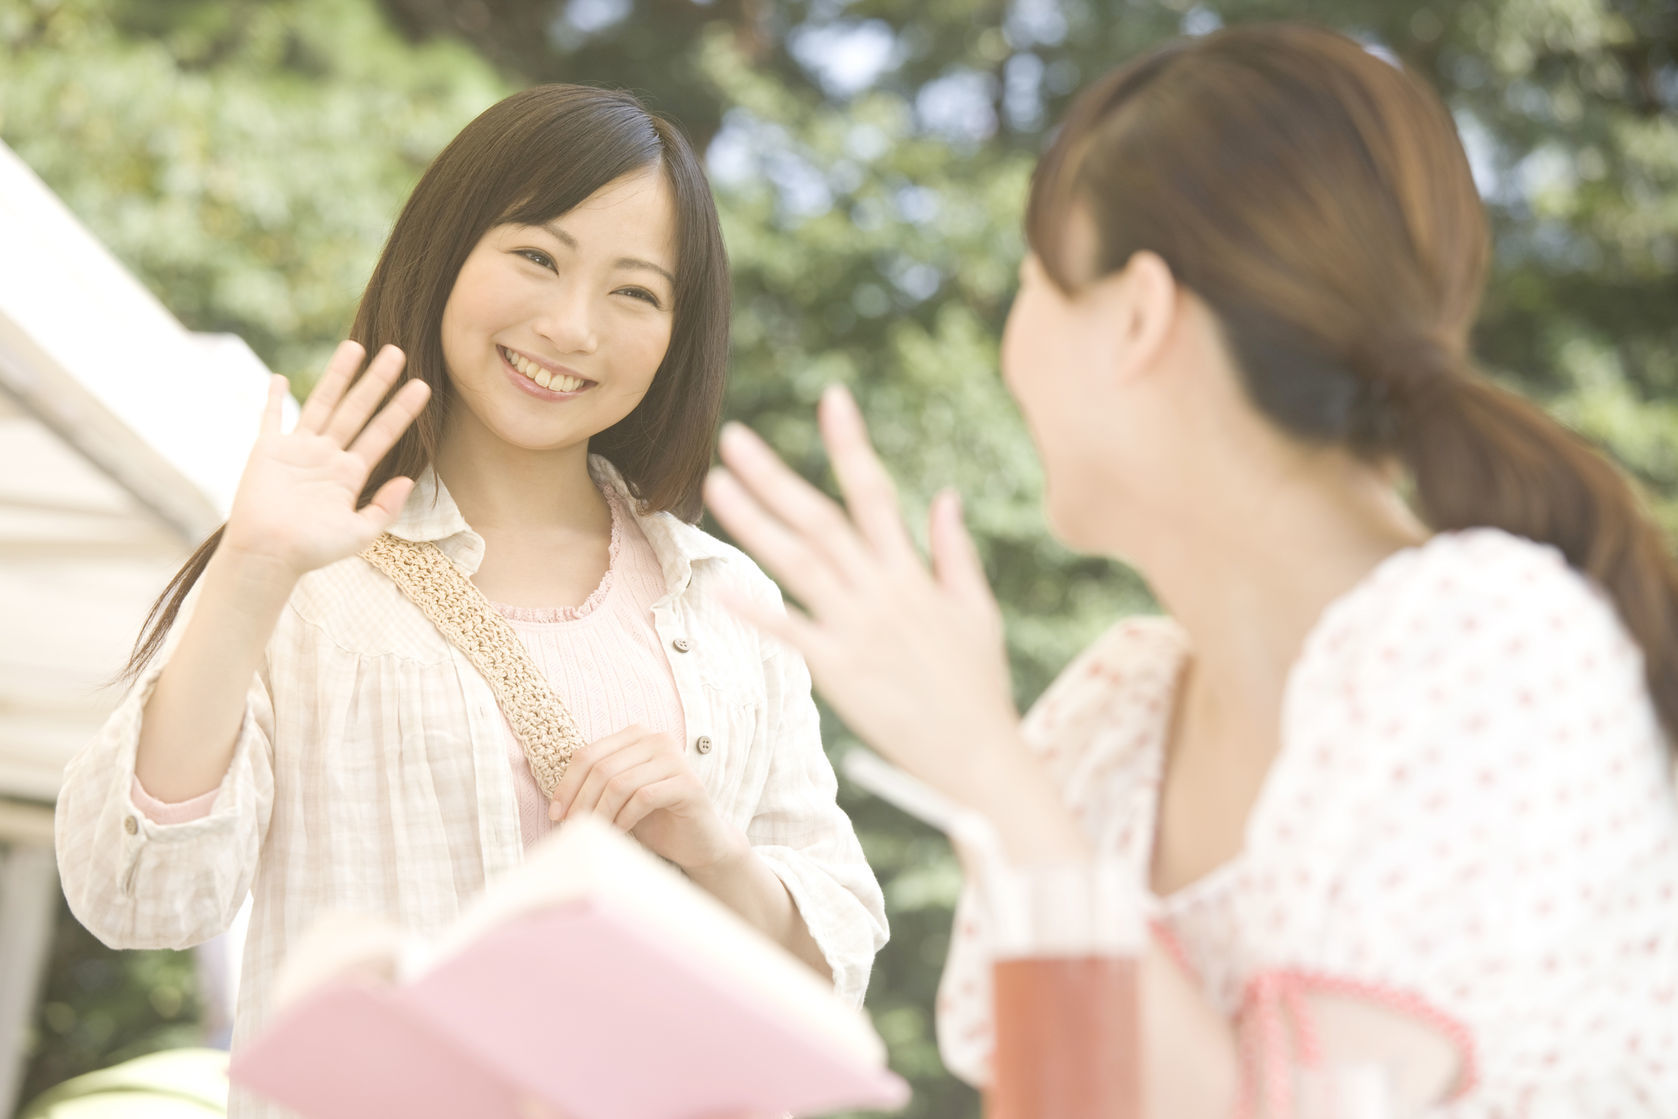 笑顔で対応してるけど実はイラっとしている女子の言動【みんなの恋愛&モテ★裏トーク】_1_1